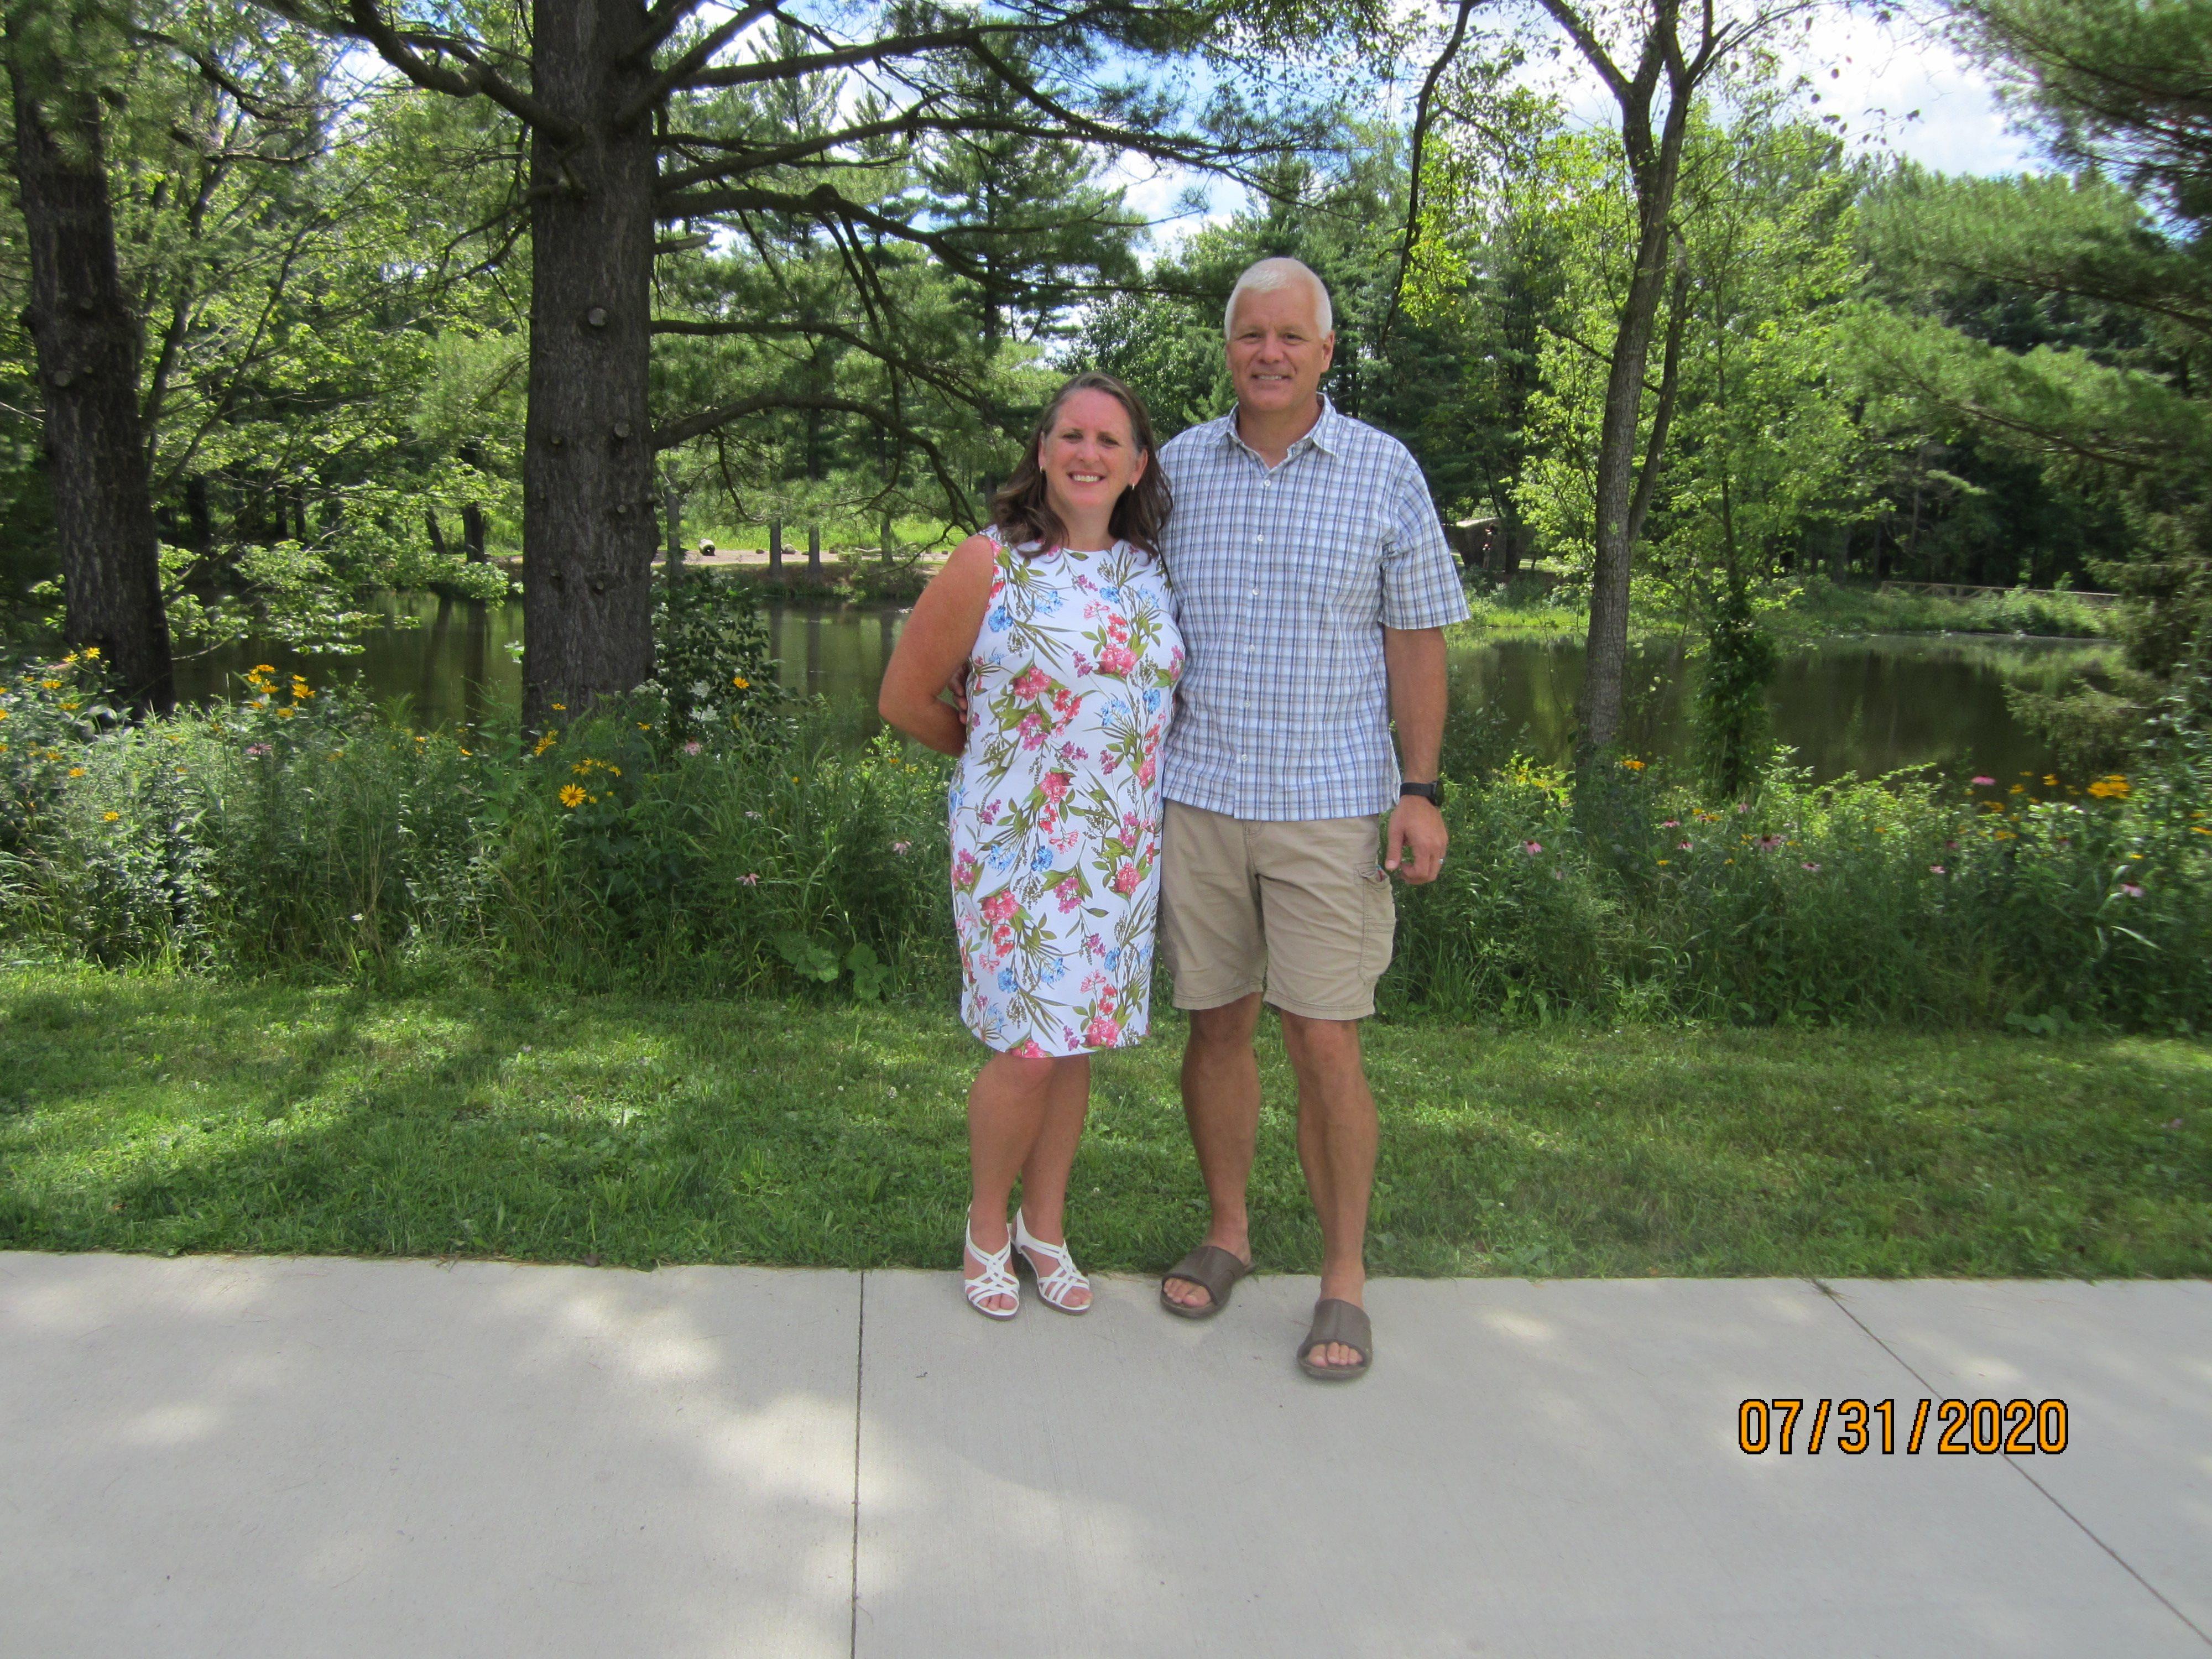 Dan Peter and Barb Grant